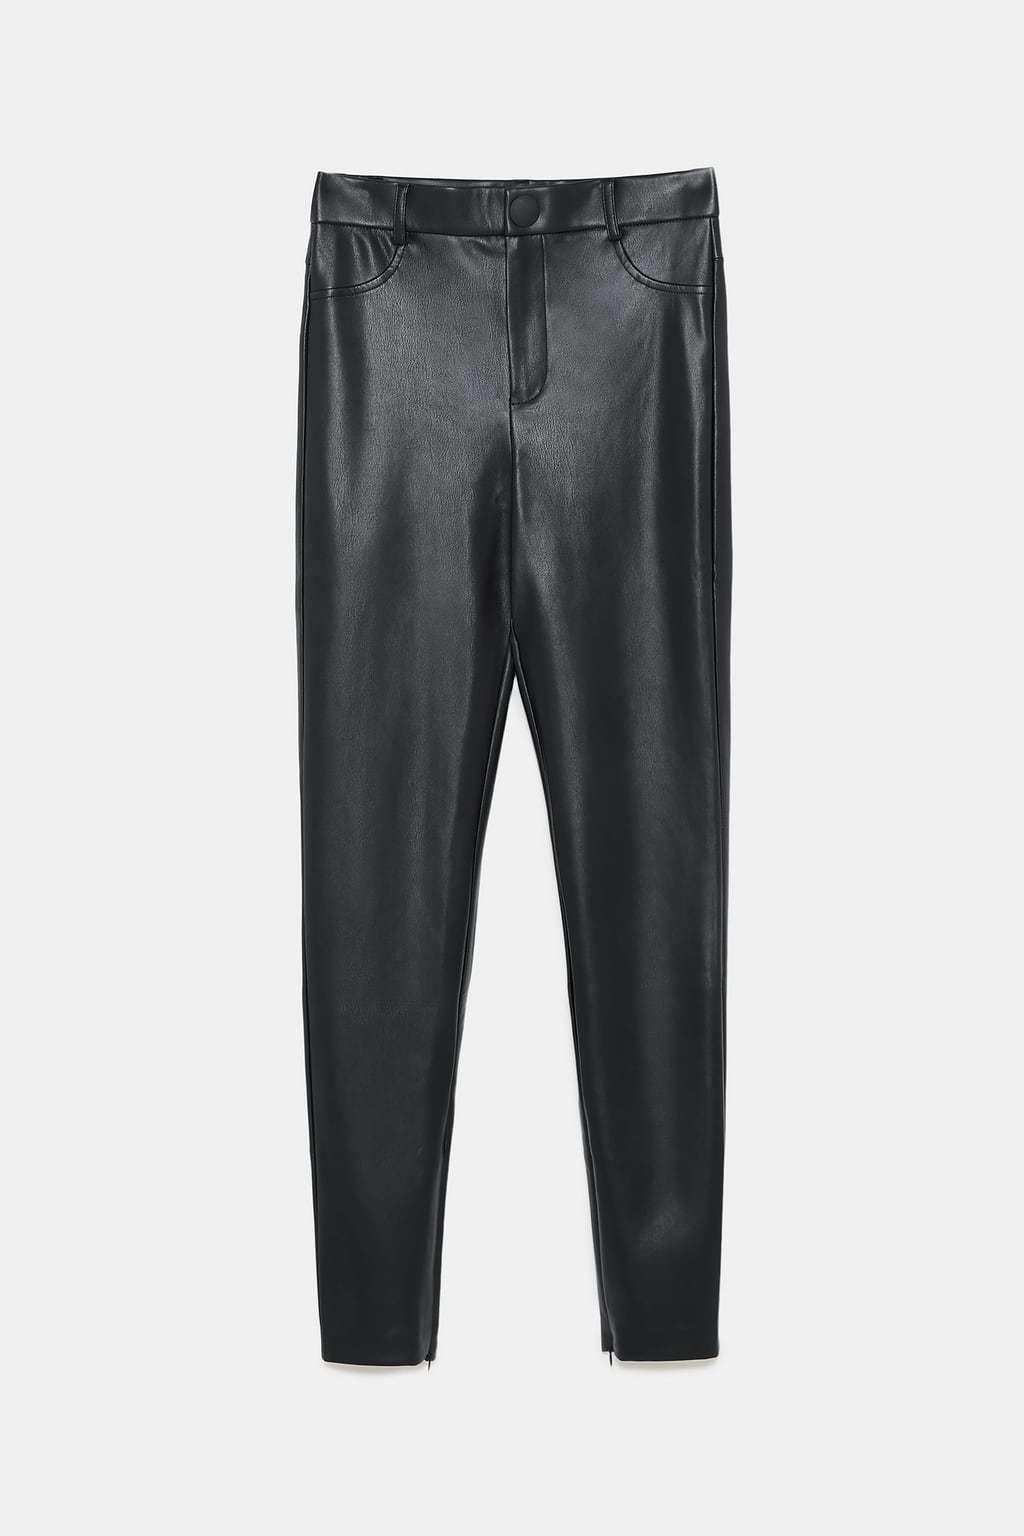 Pantalones de cuero efecto, de Zara 19,95 euros.